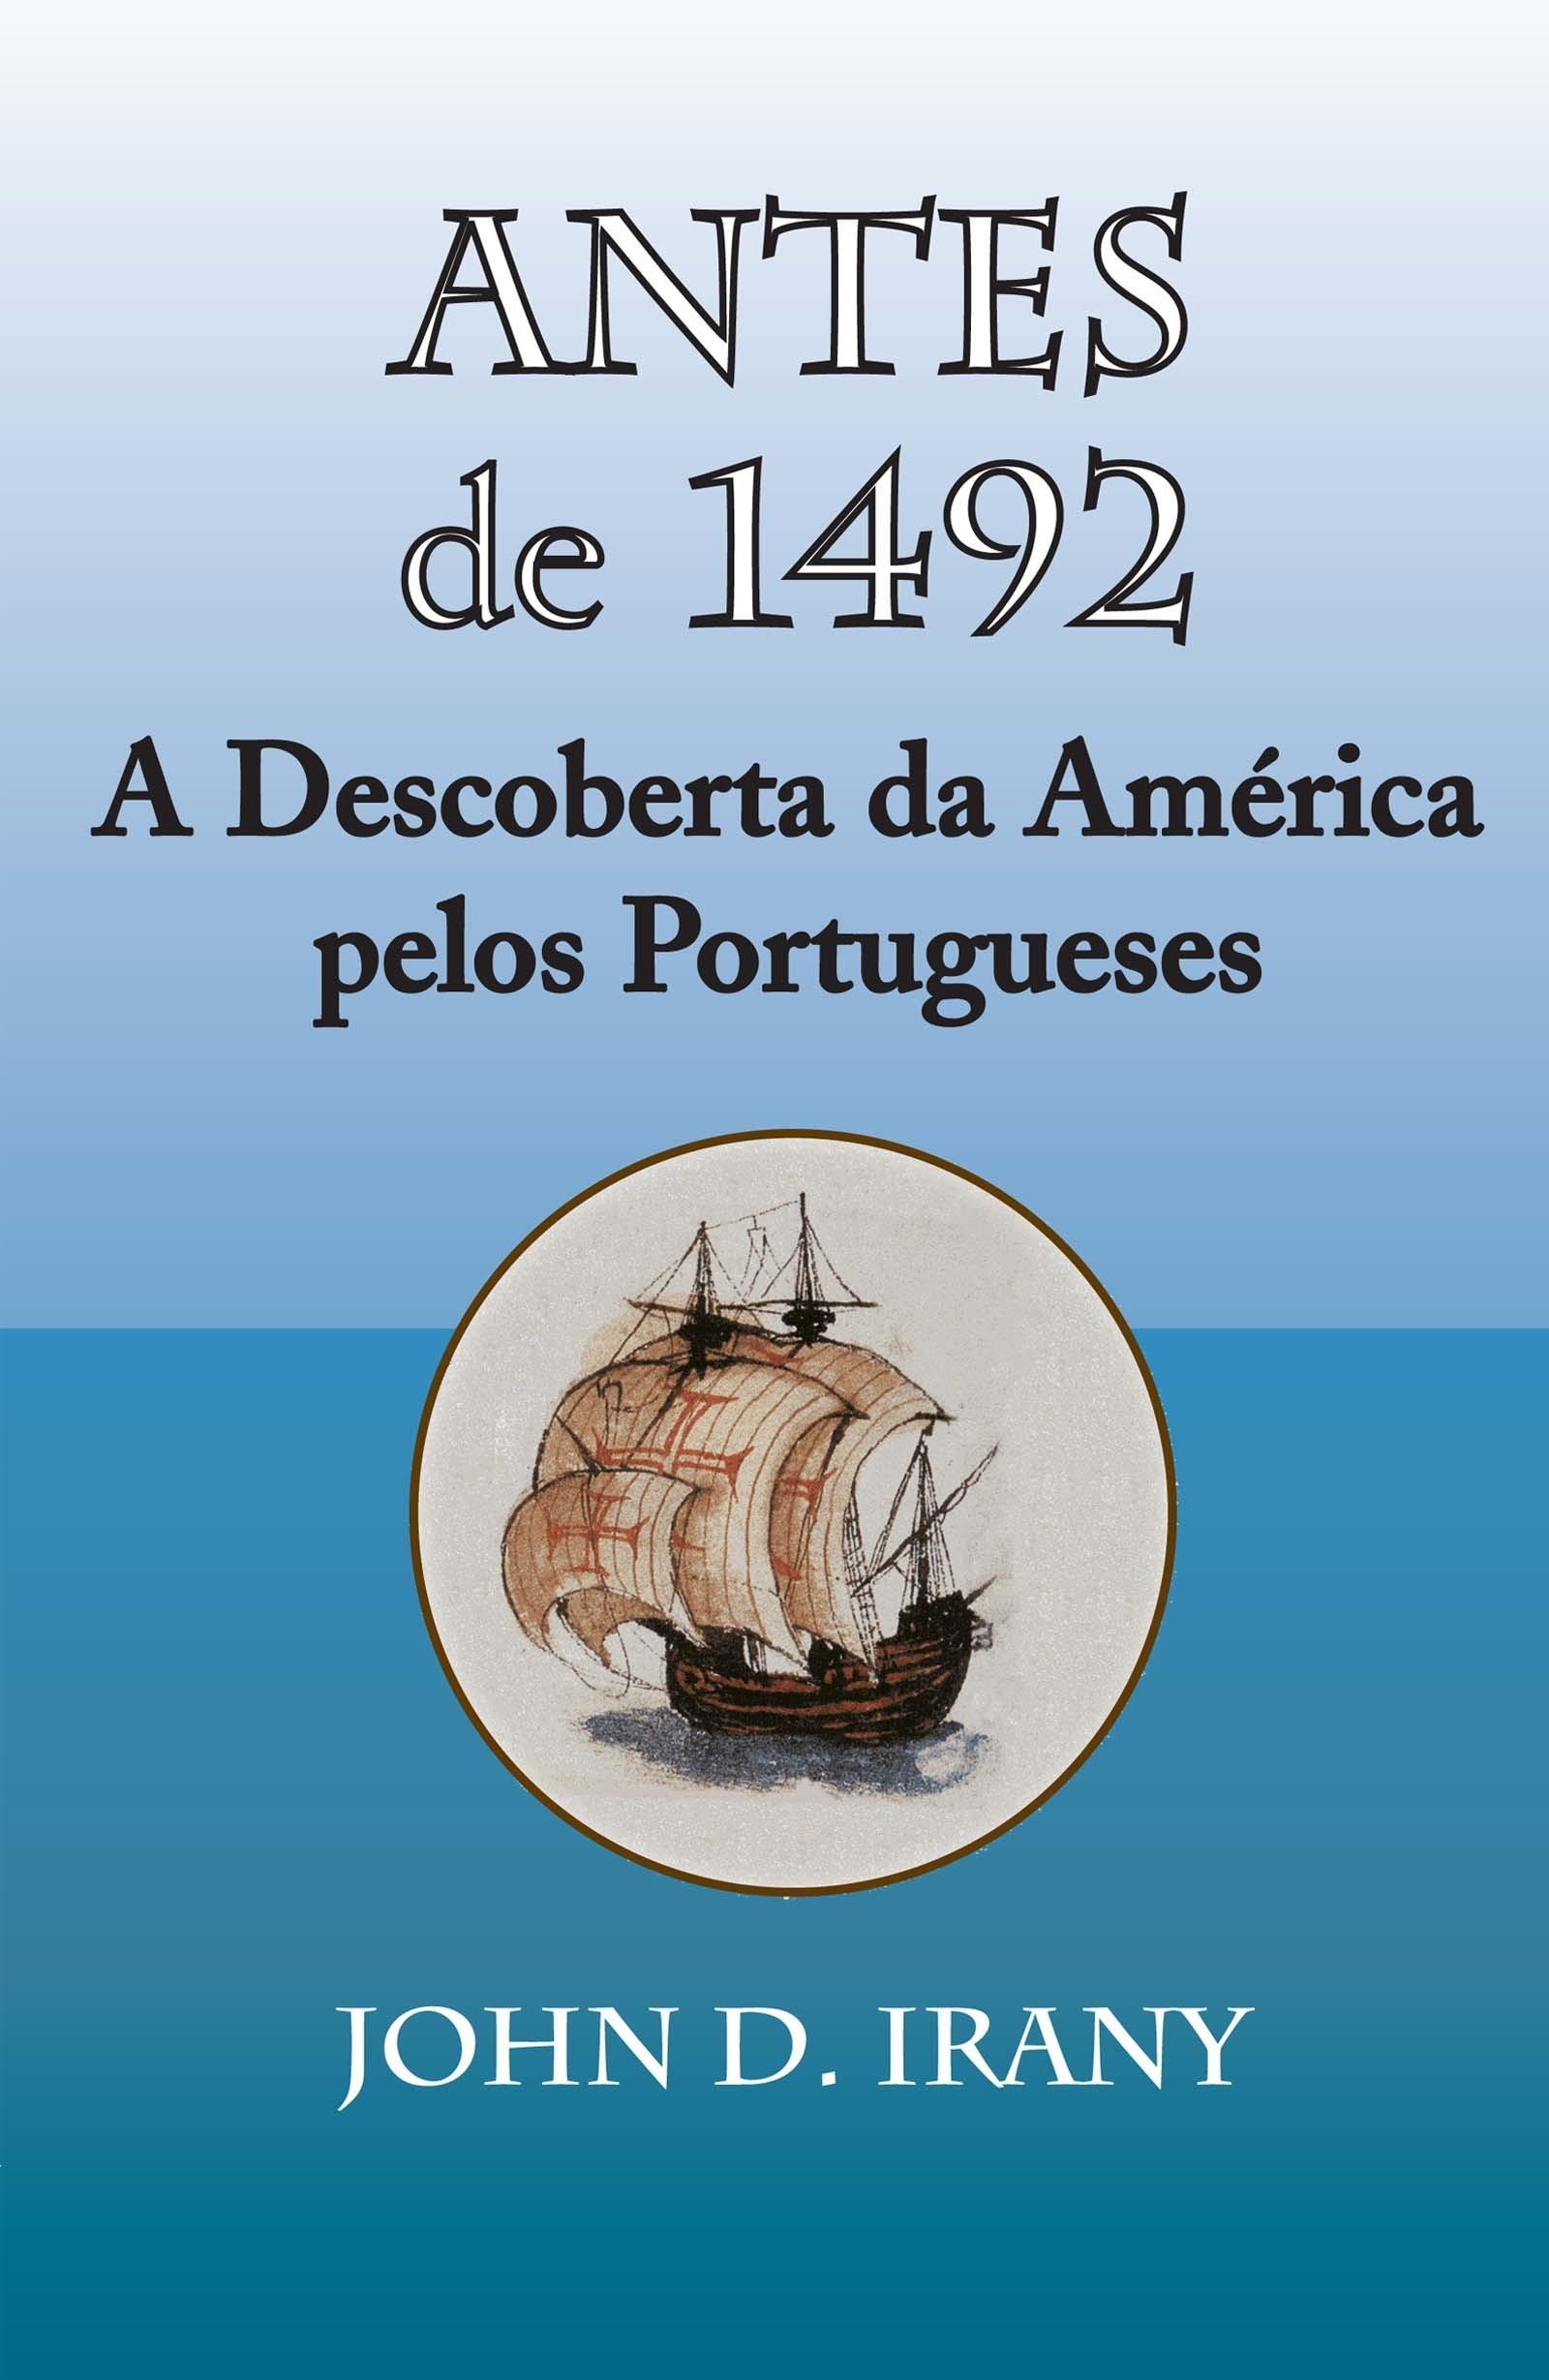 Antes de 1492, A Descoberta da America pelos Portugueses  by  John D. Irany